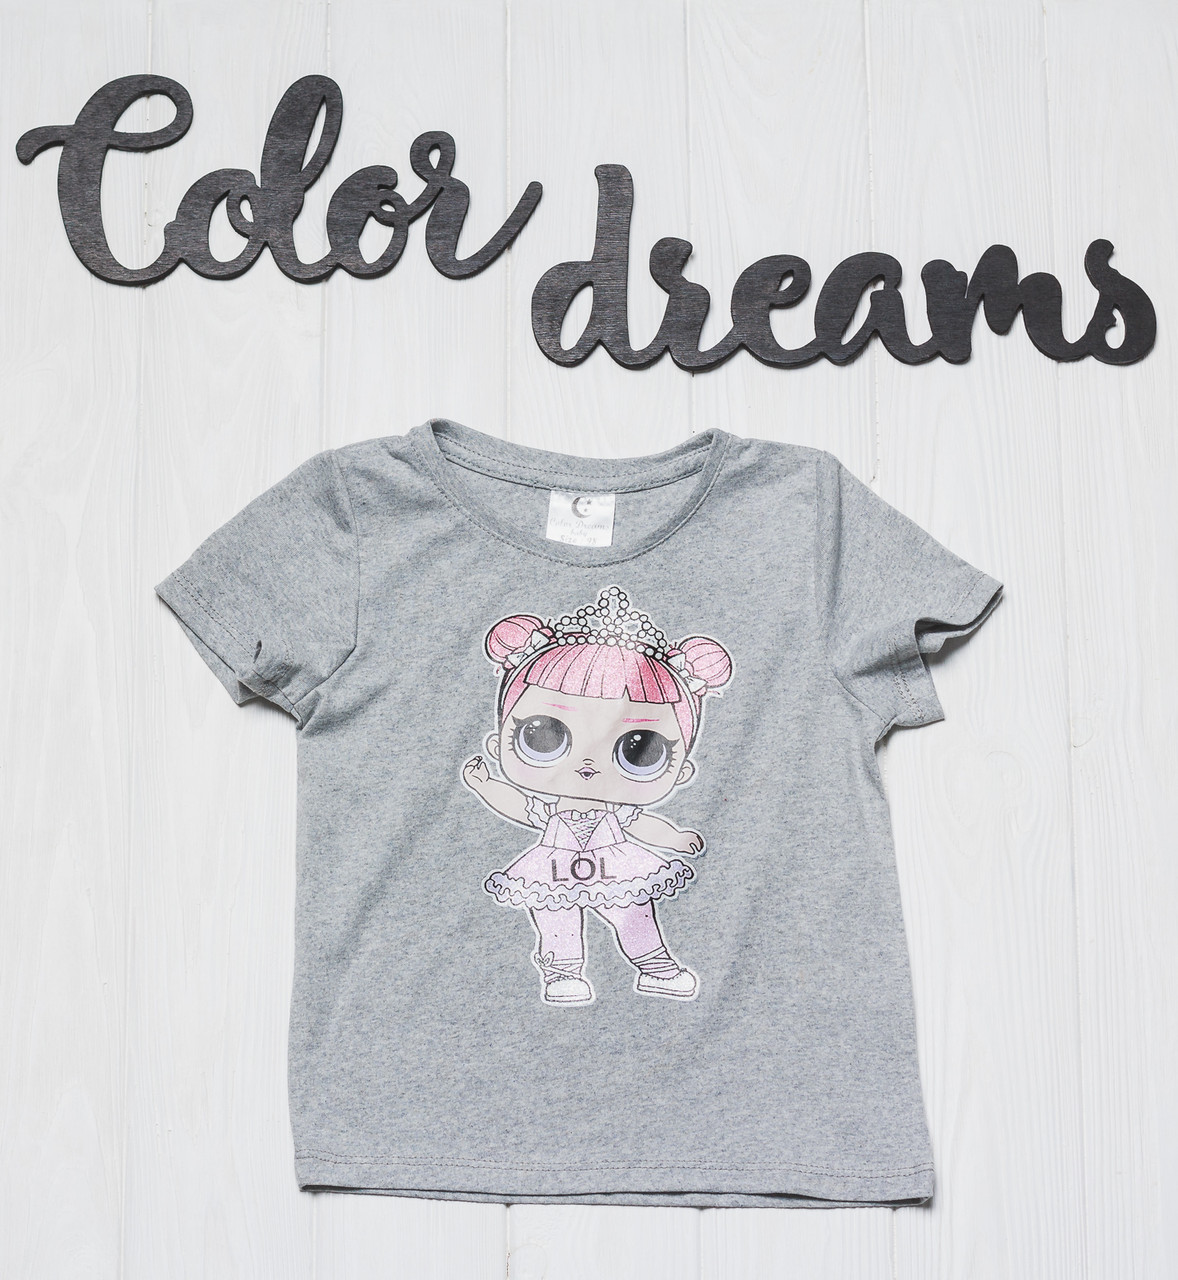 Детская футболка  на девочку с куколкой LOL Серая